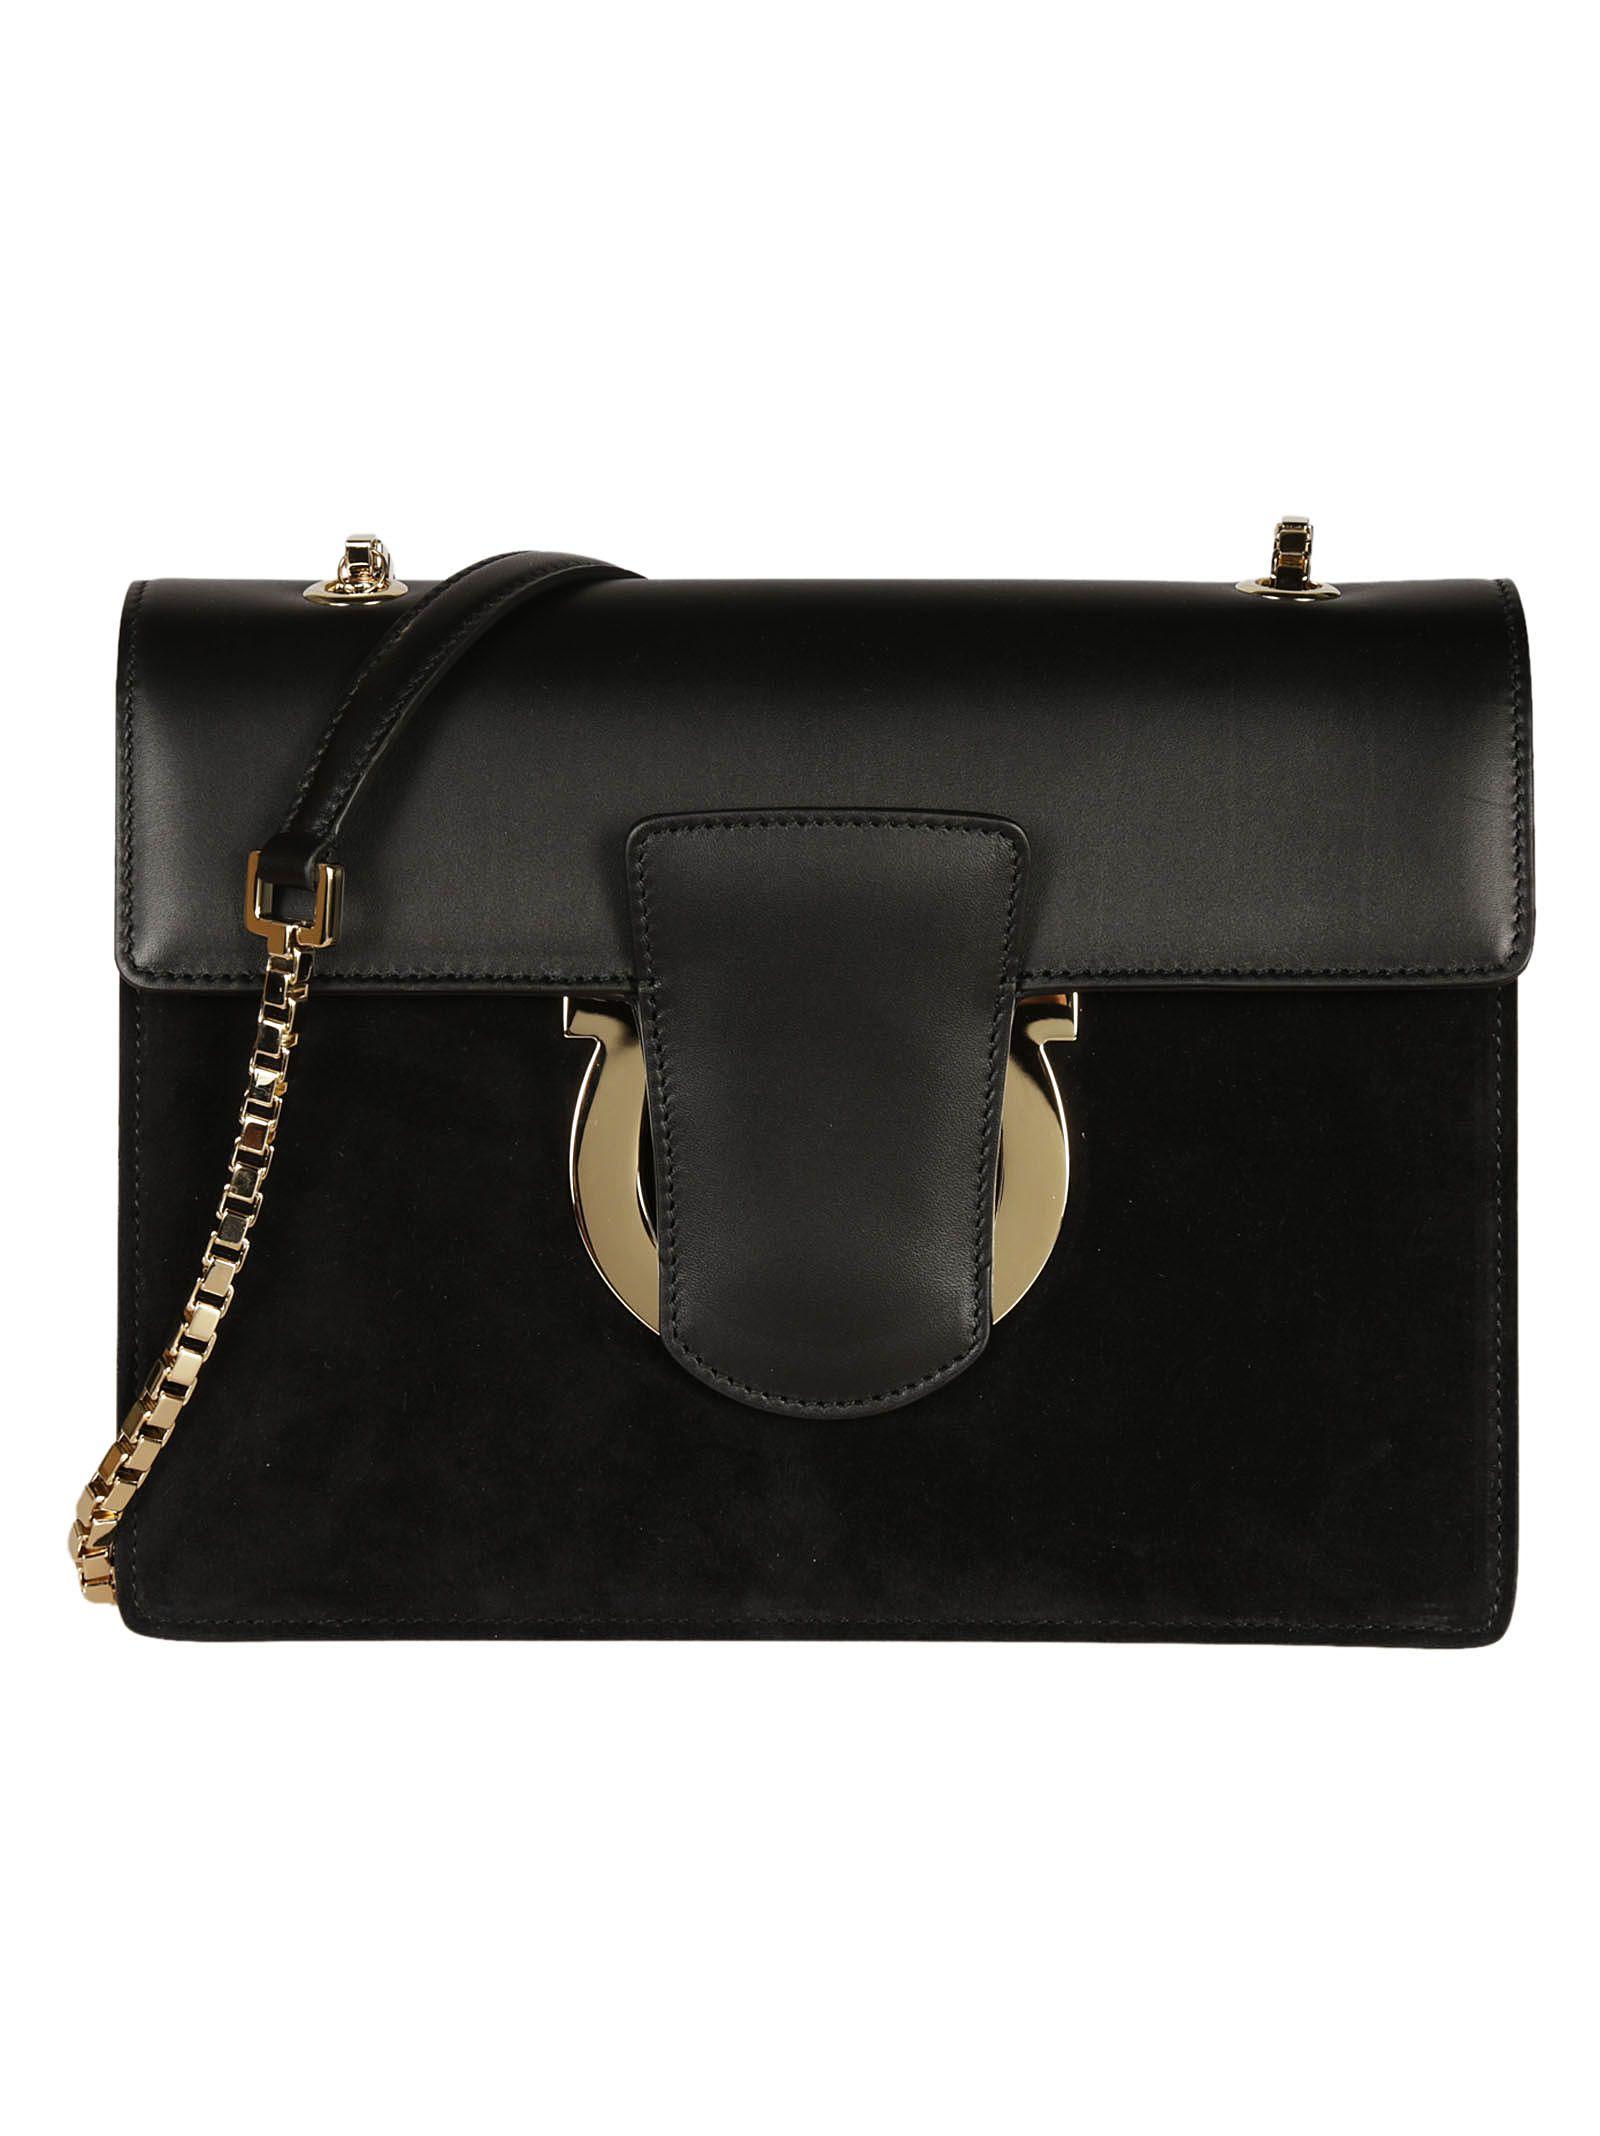 Gancio shoulder bag - Black Salvatore Ferragamo 9WCAIsbj